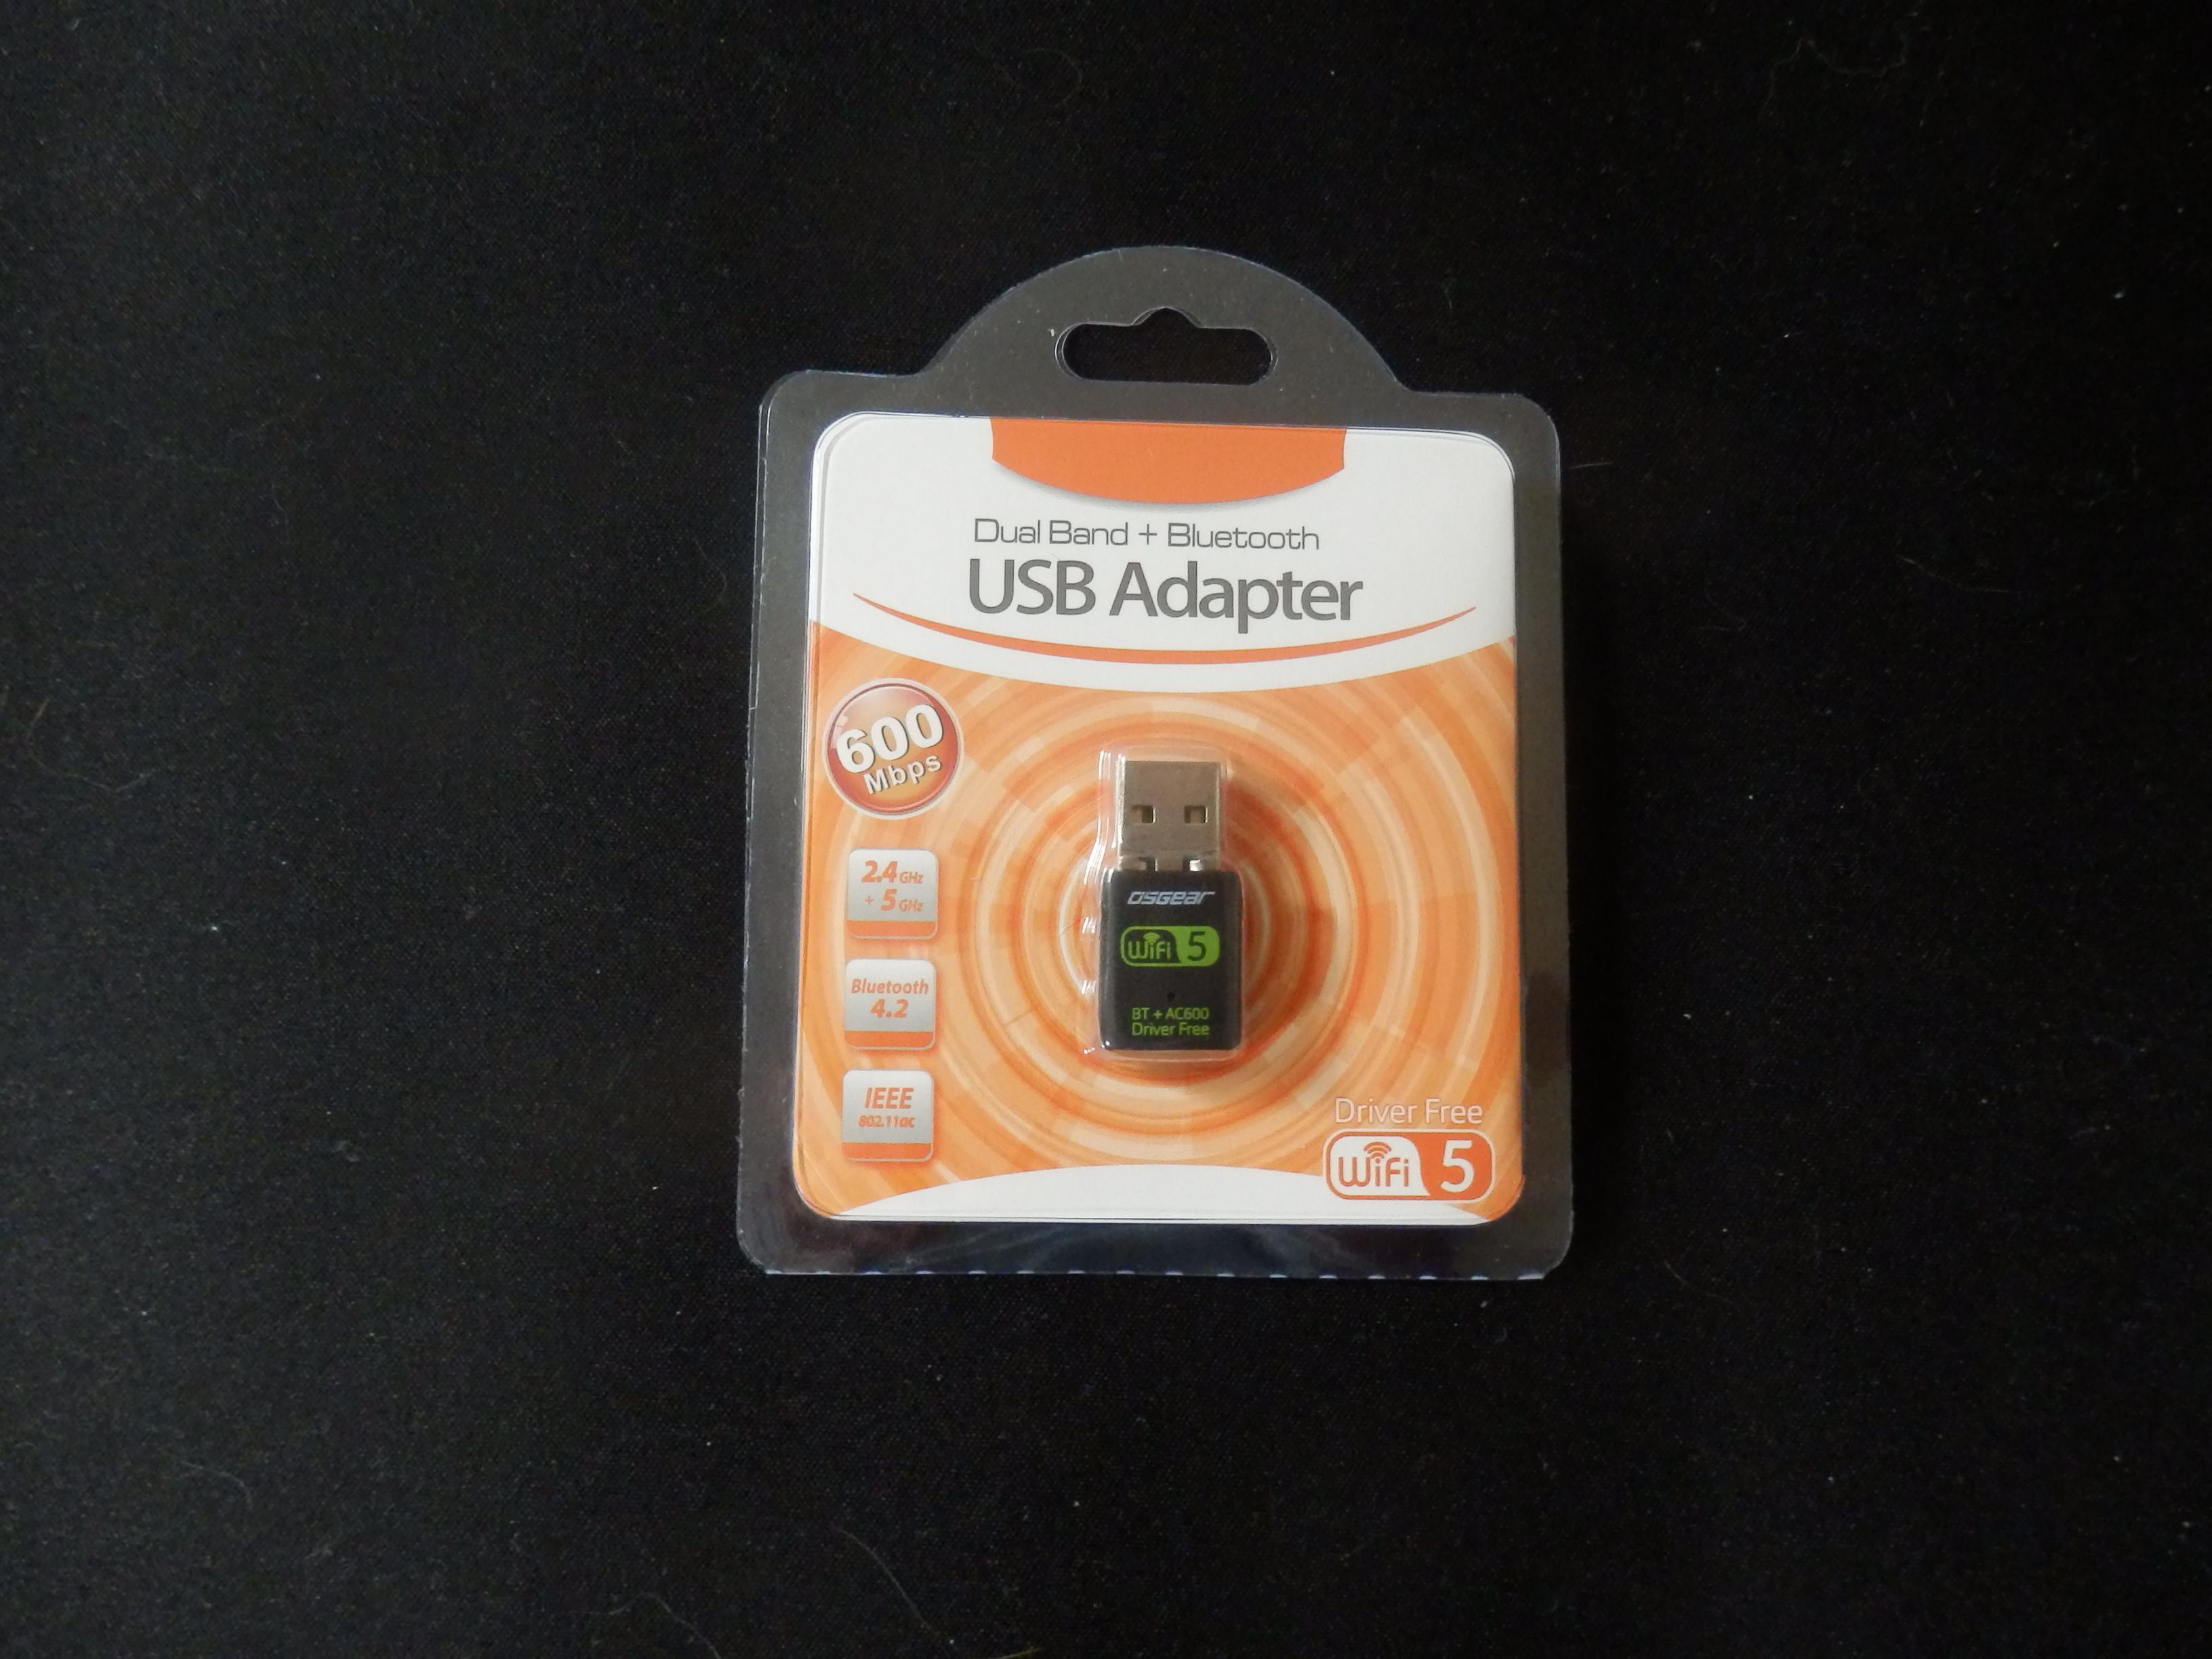 OSGEAR USB Wi-Fi Bluetooth 4.0 Dongle Adapter